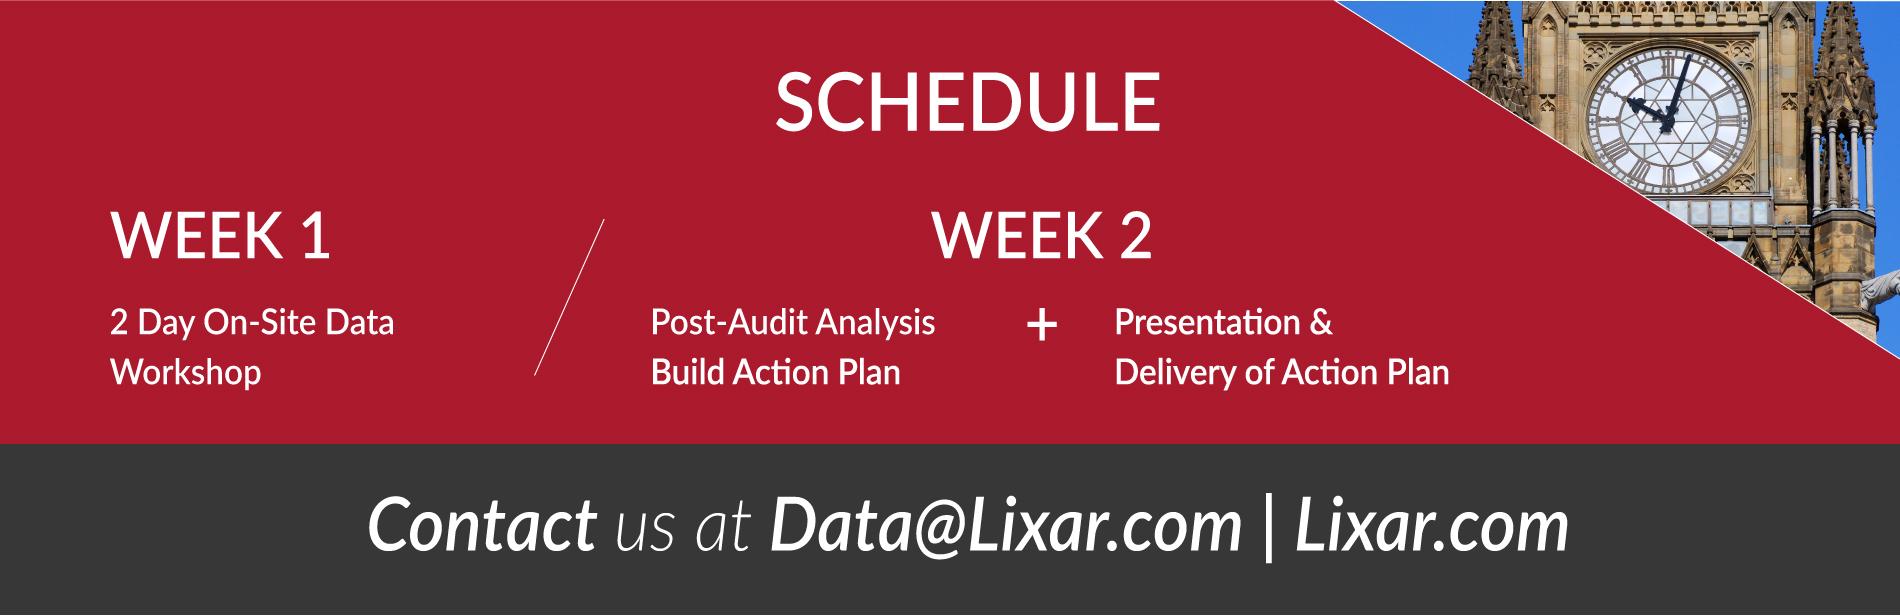 schedule-img-clock